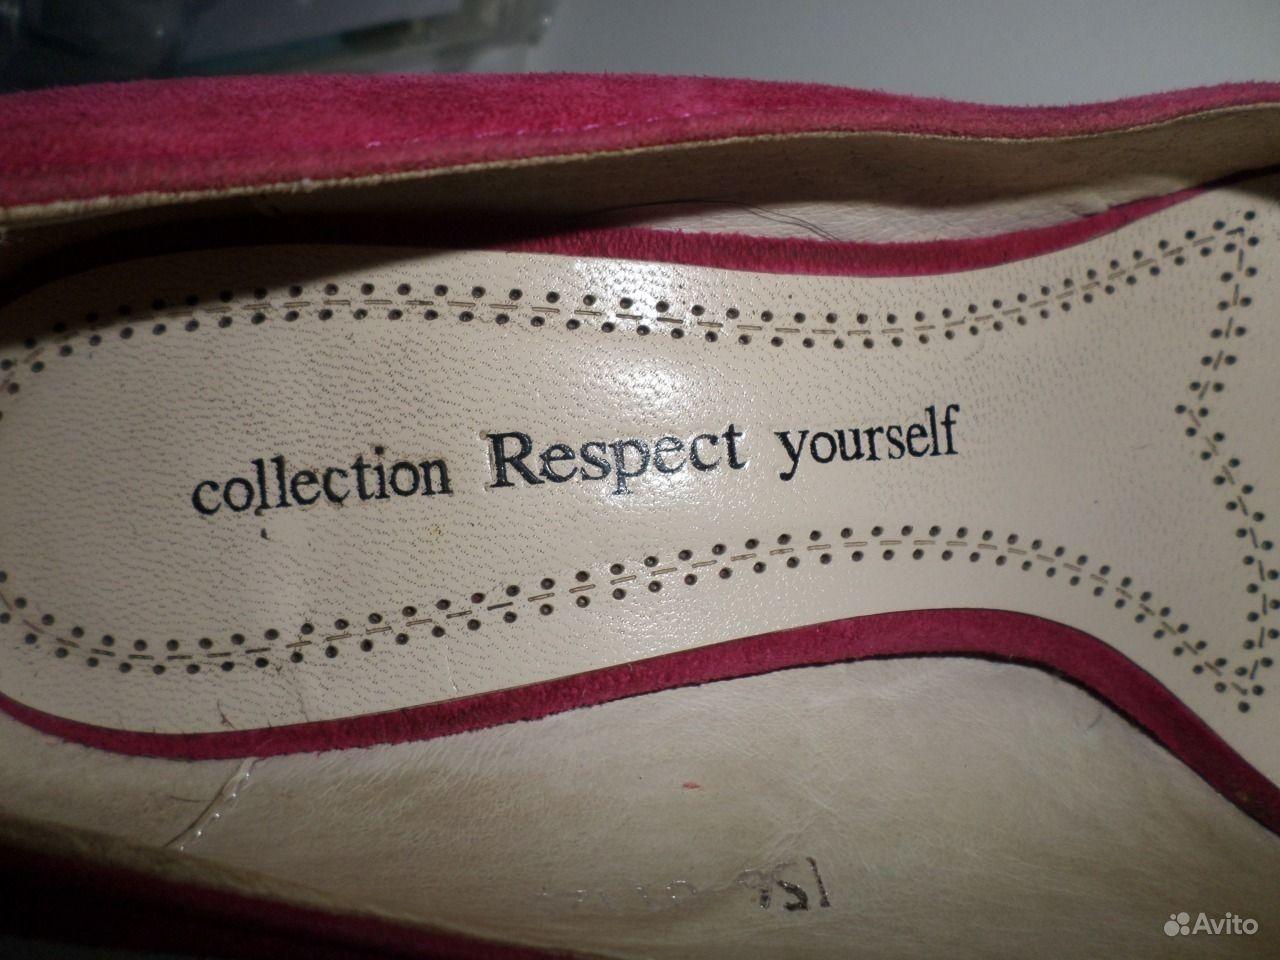 Удобные кроссовки, кари обувь волгоград выбранный курс ВУЗе